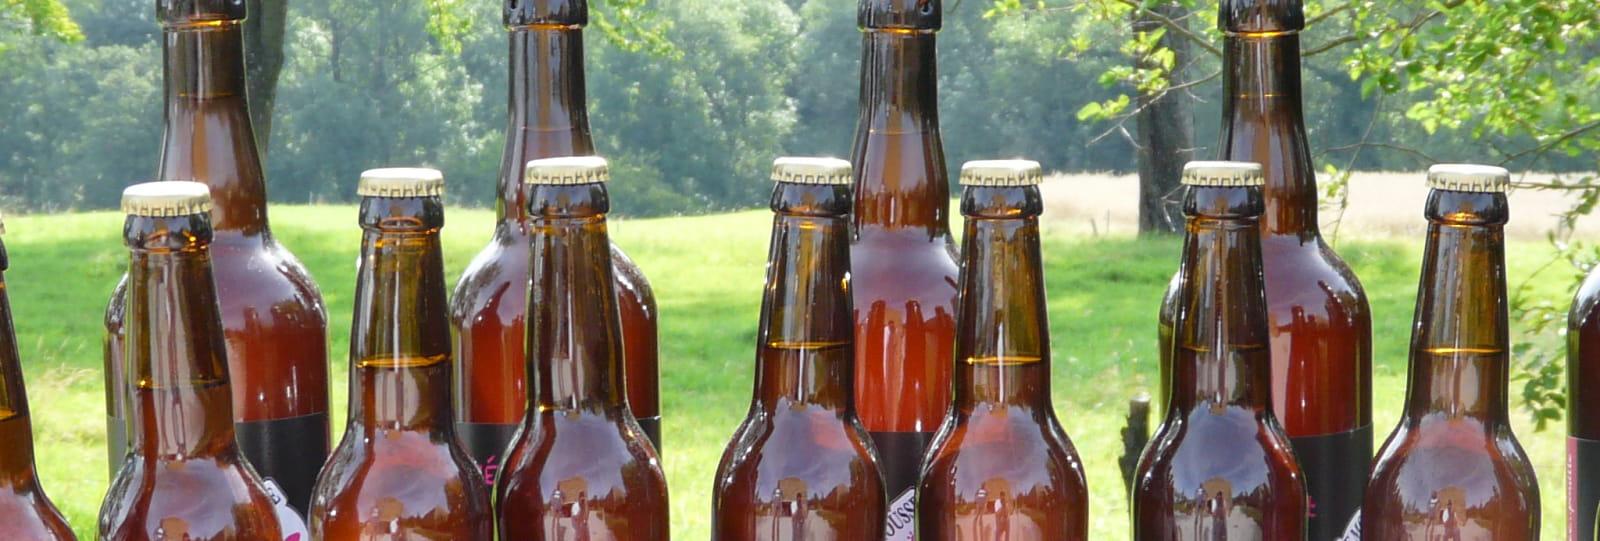 Bières Free Mousse